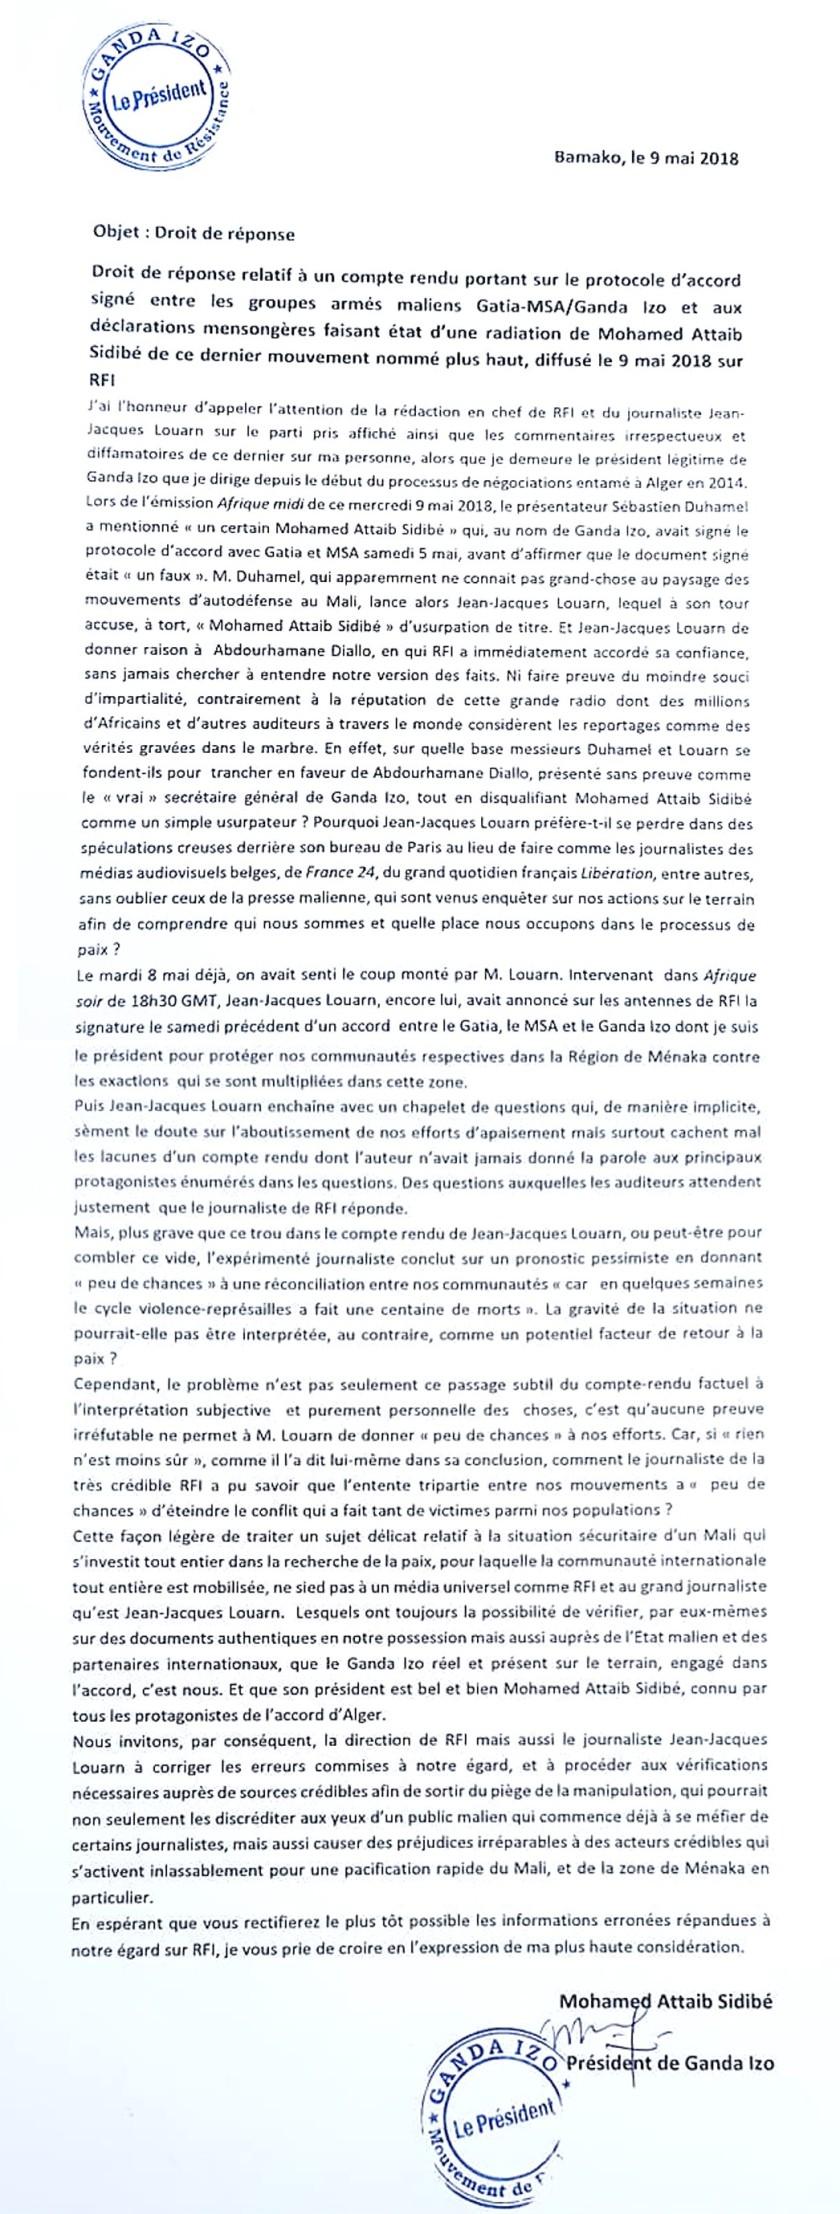 GANDA IZO RFI